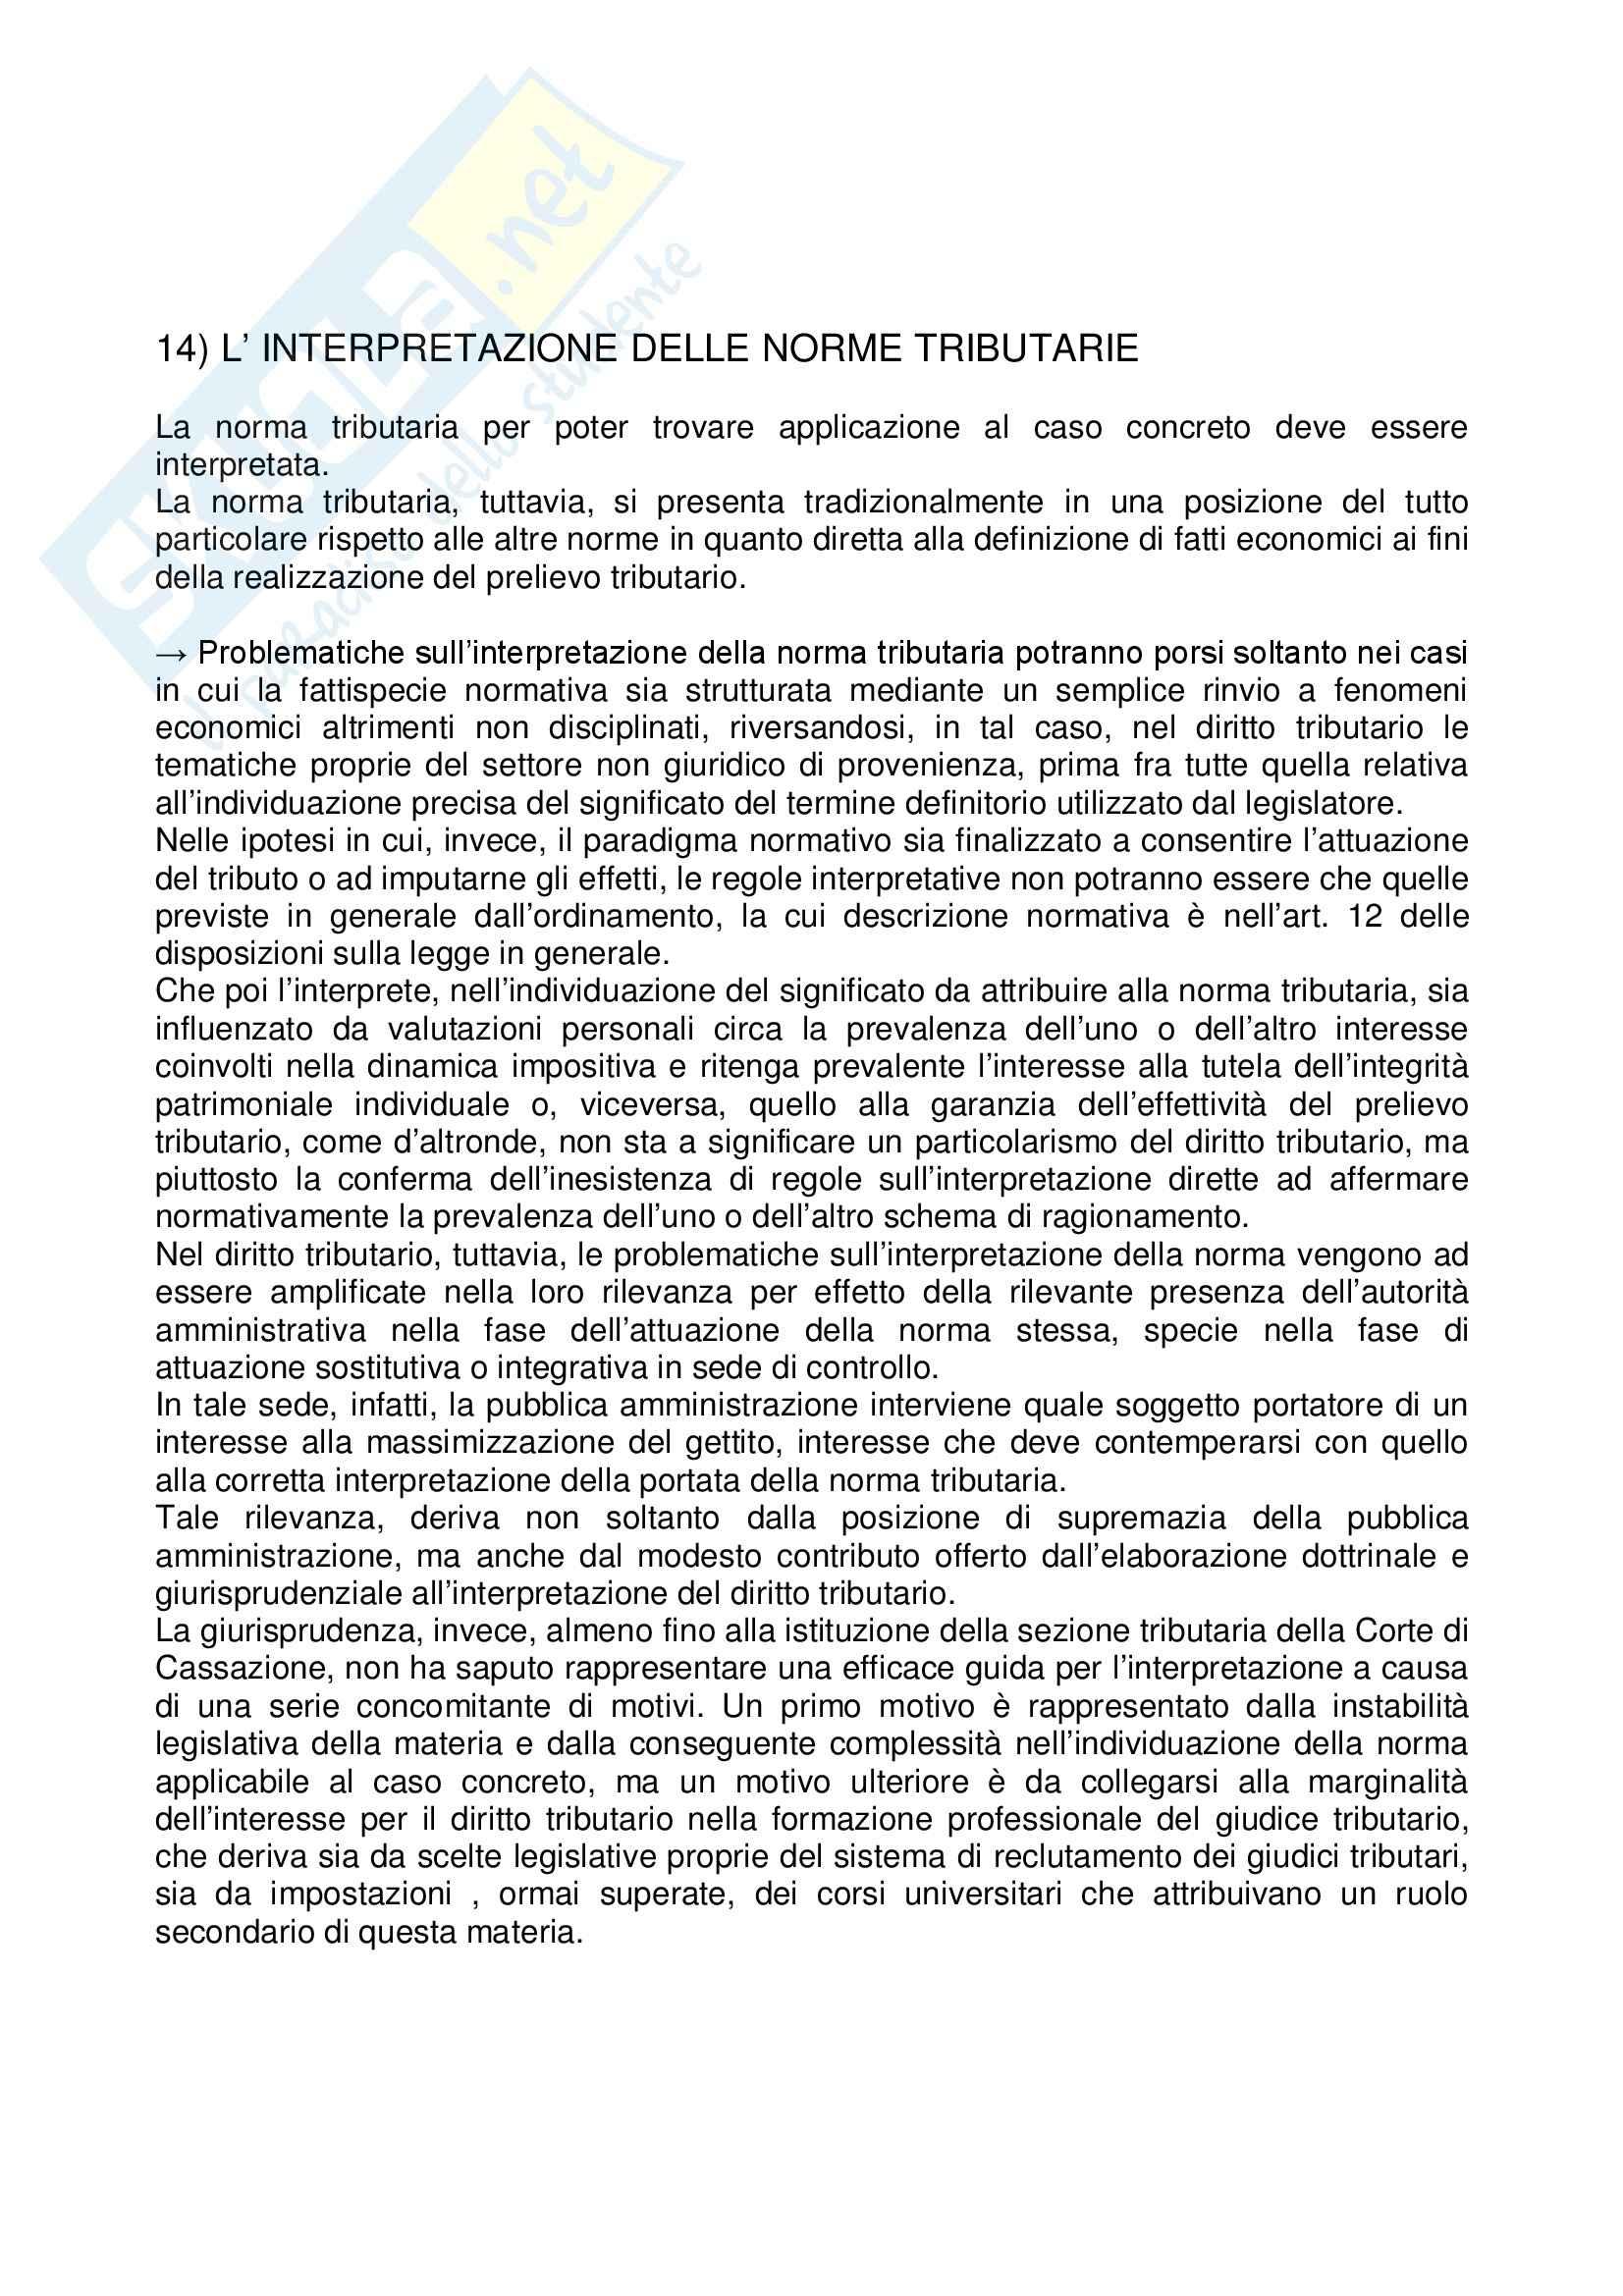 Istituzioni di Diritto tributario - la norma tributaria